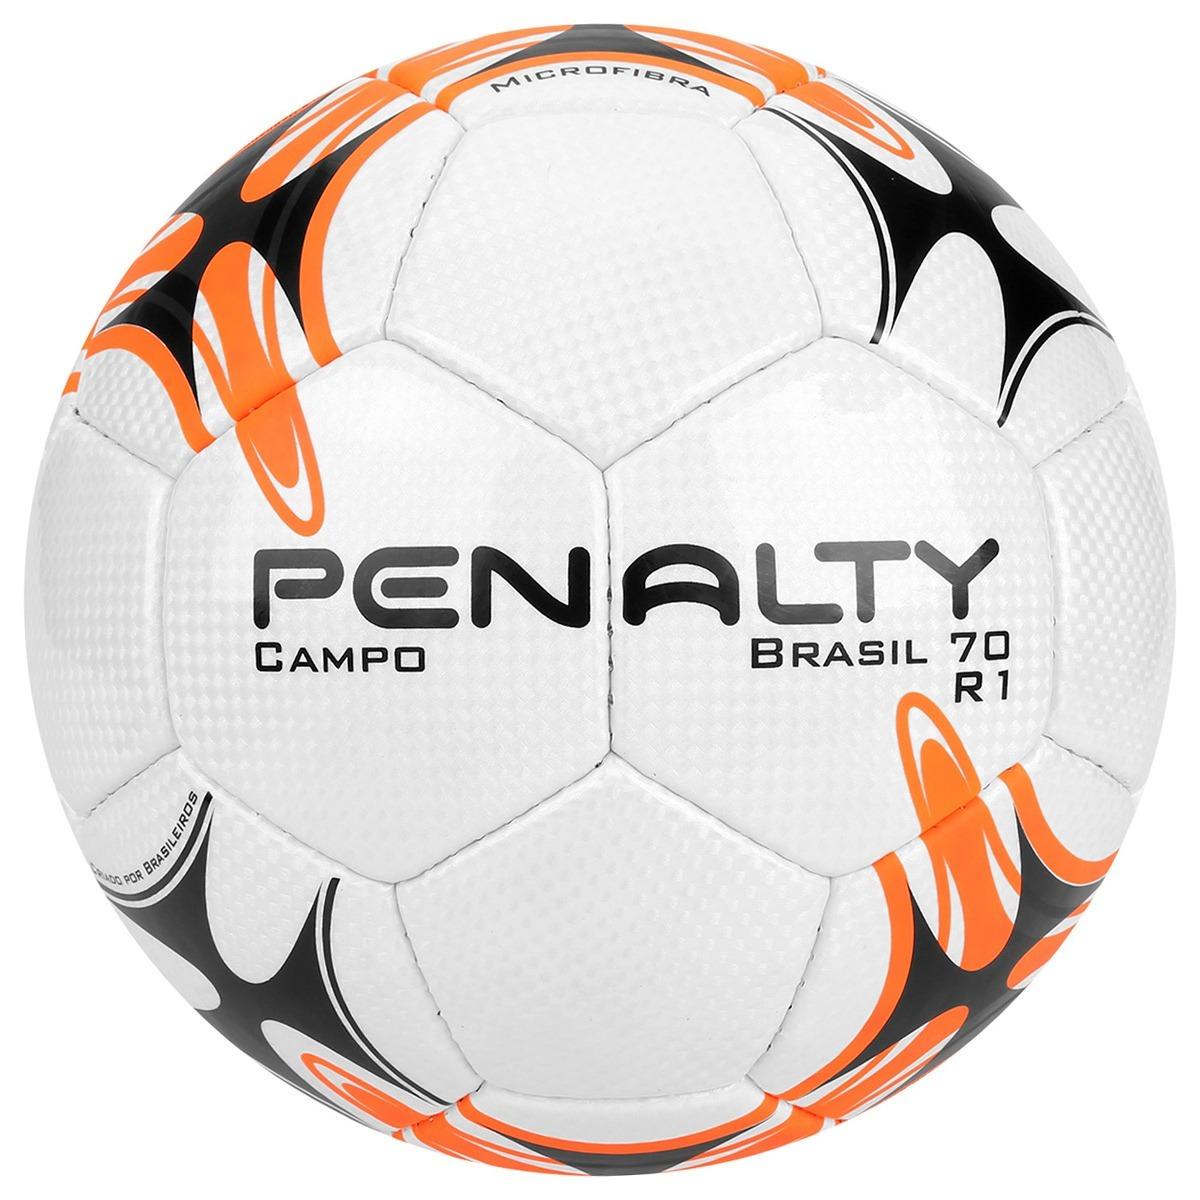 f40b6068e8a66 Bola Penalty Brasil 70 R1 Vii Campo Oficial + Bomba De Ar - R  89